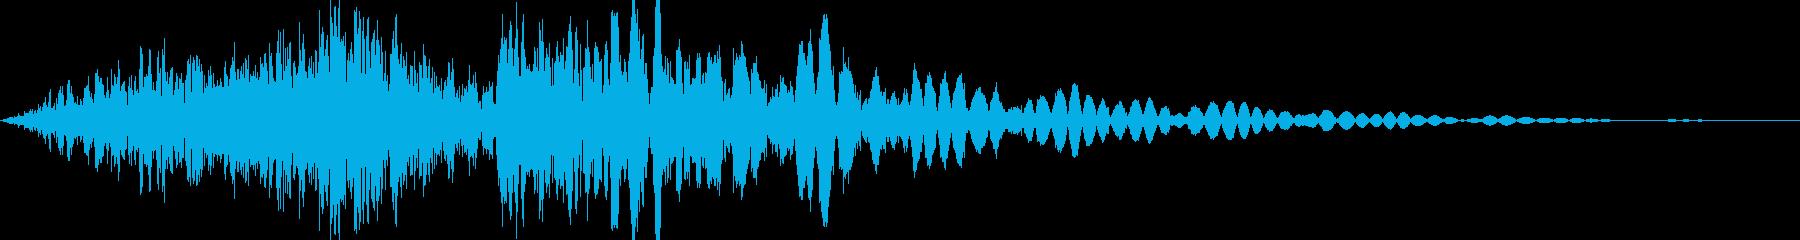 格闘ゲーム キック動作音有り ステップ1の再生済みの波形